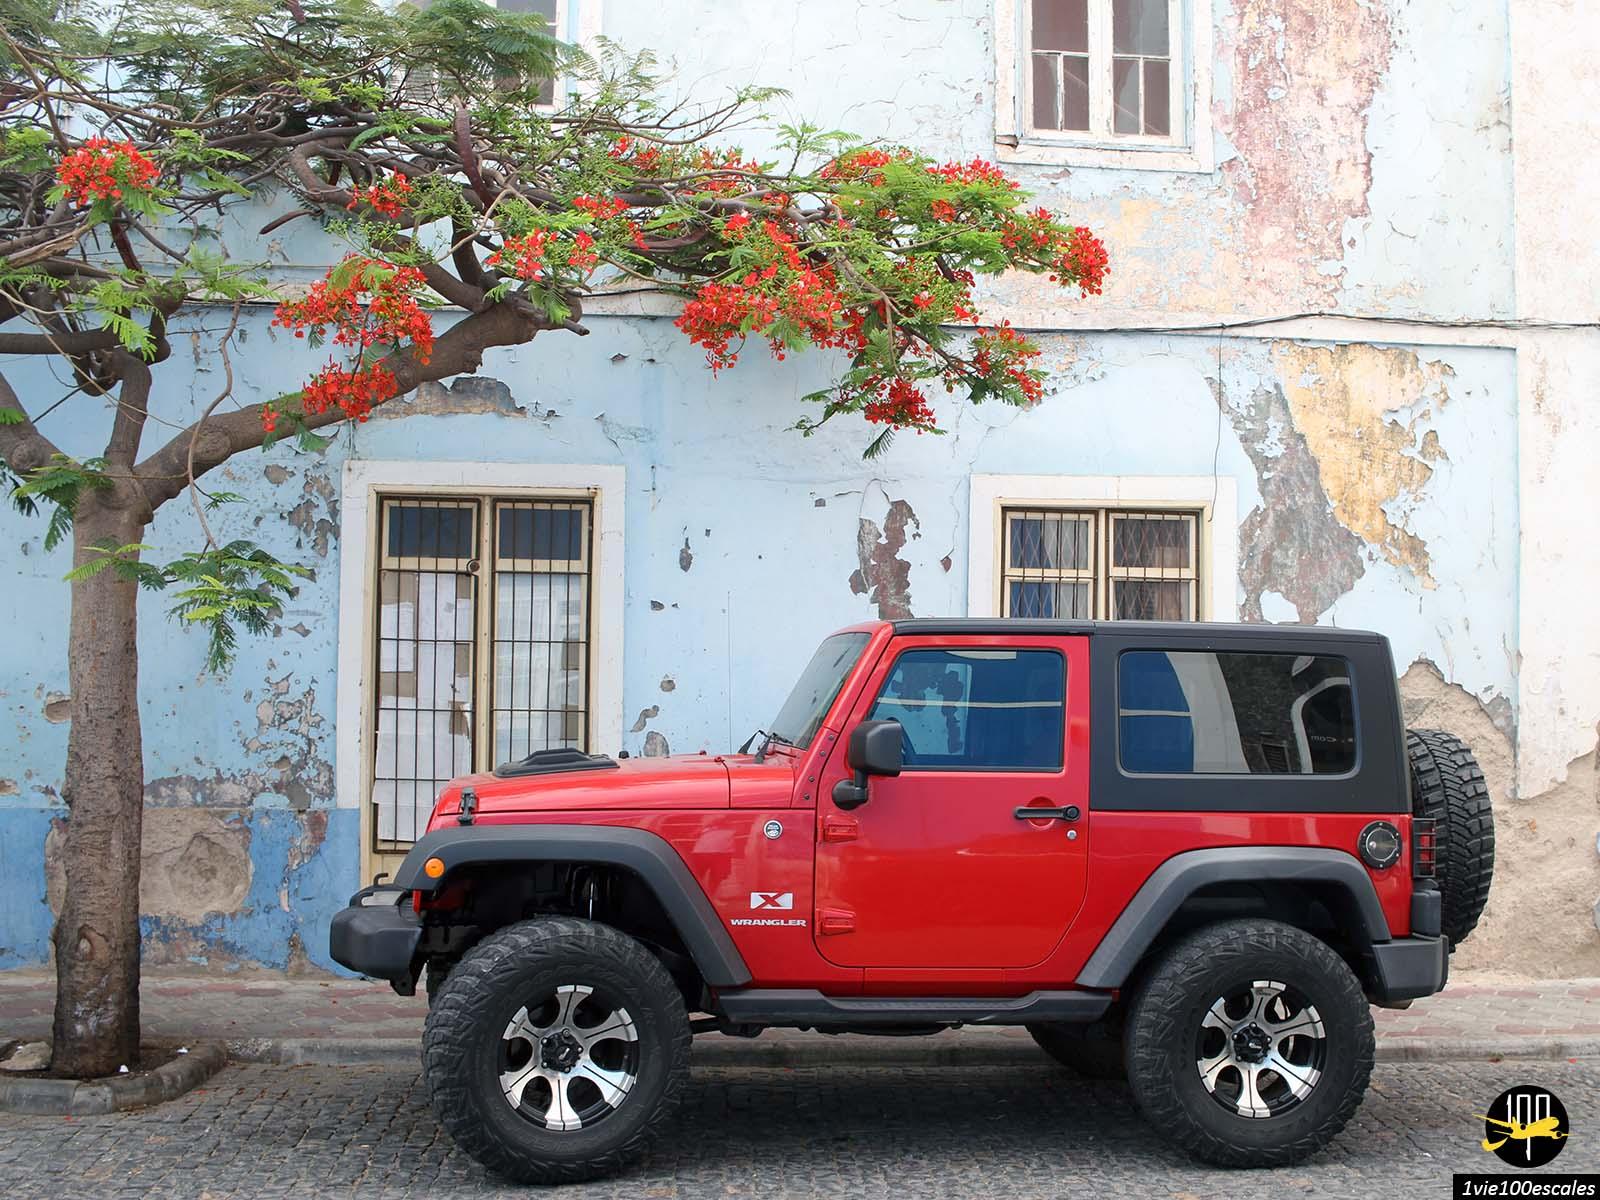 Les rues en pavé de Mindelo sur l'île de Sao Vicente